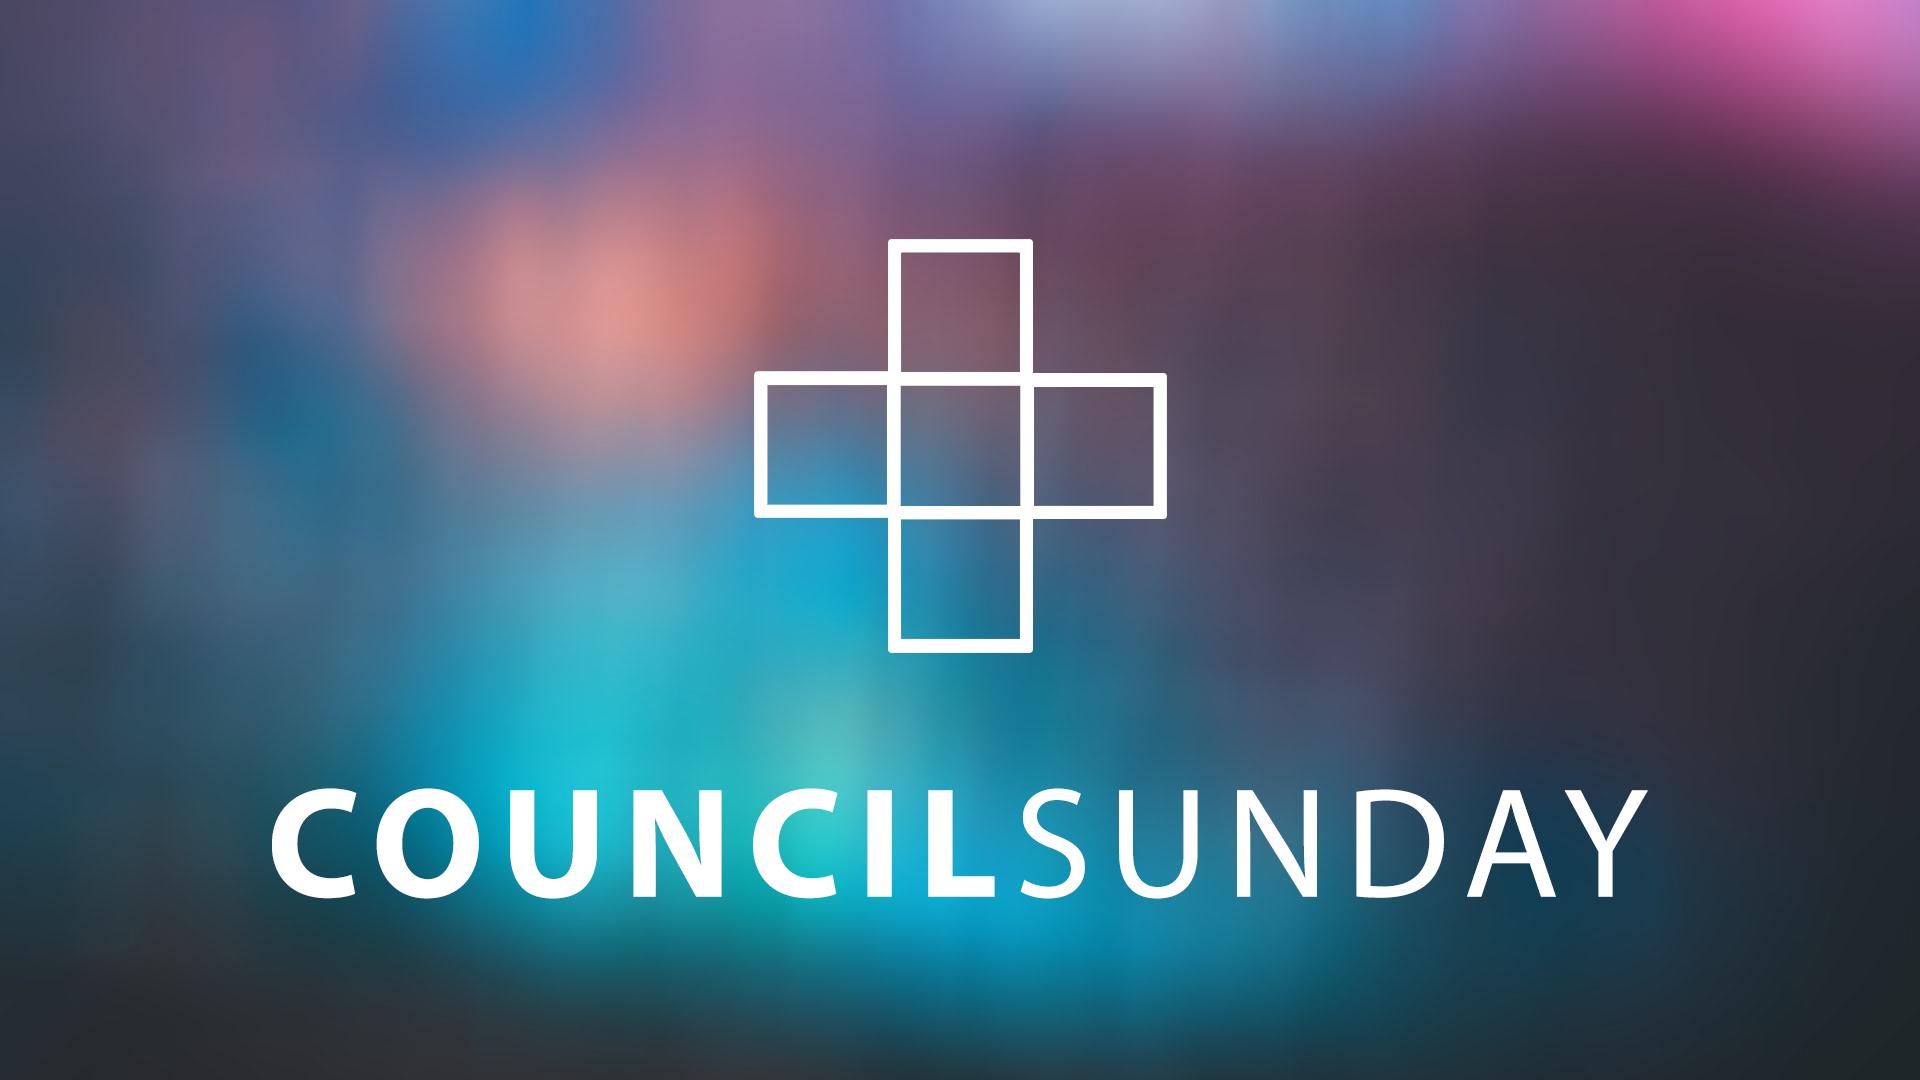 Council Sunday.jpg